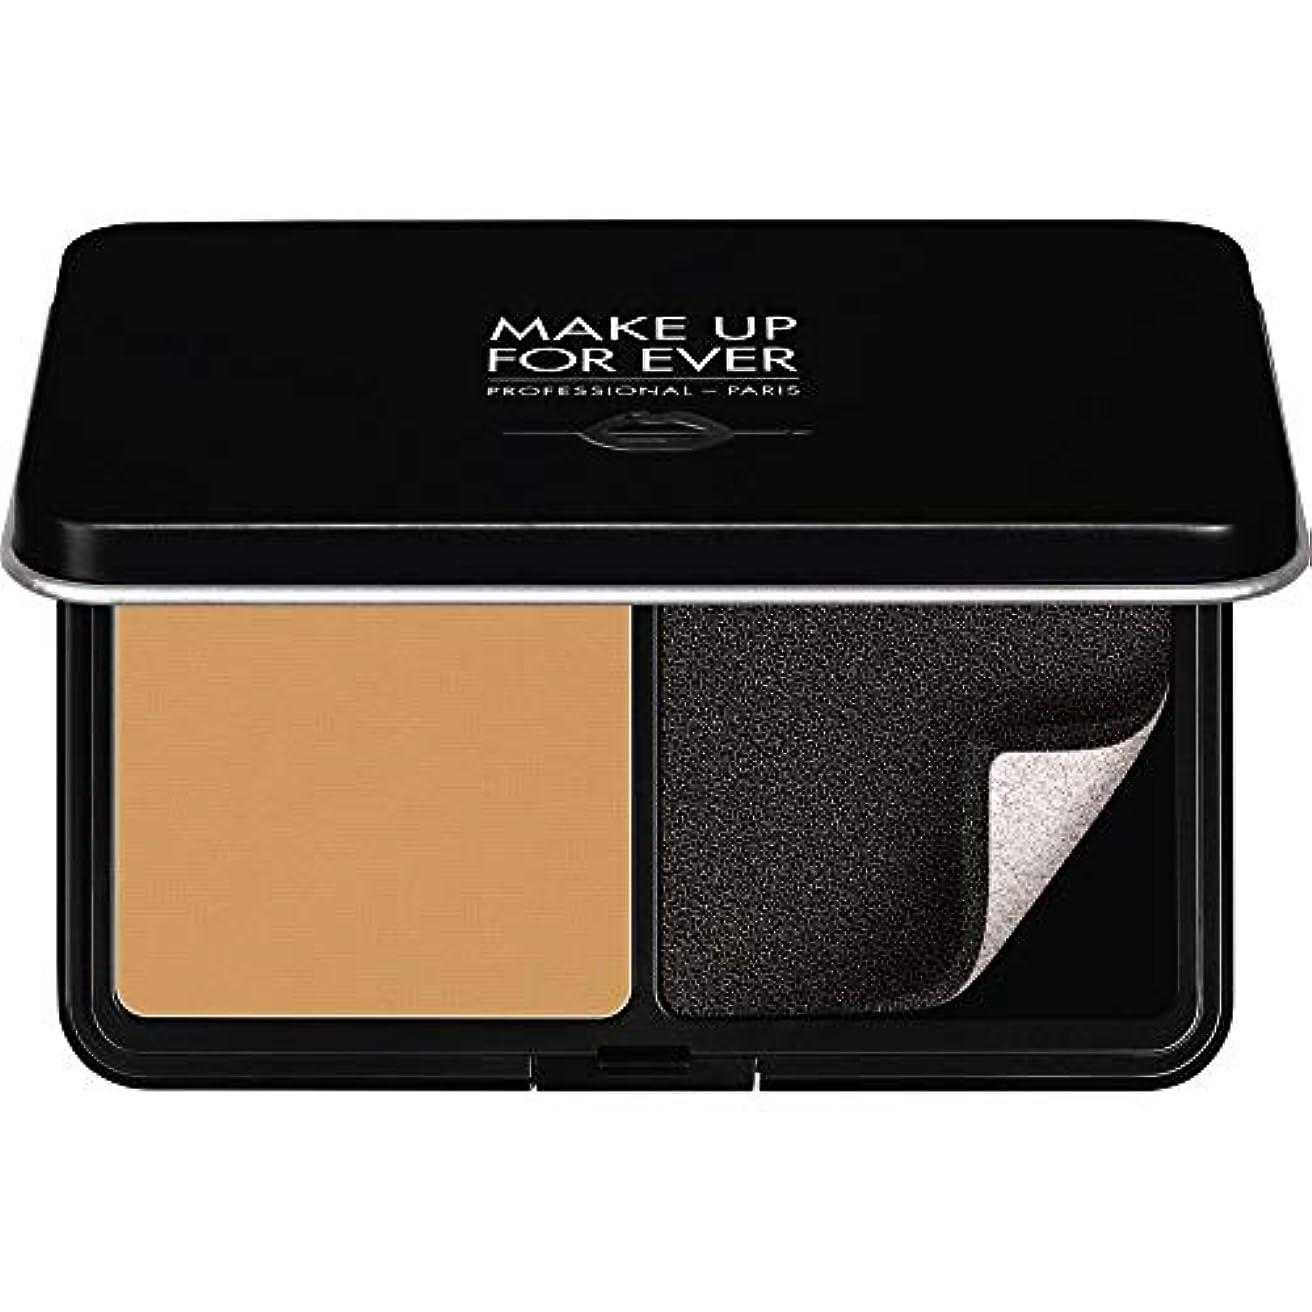 発掘ささやき変更可能[MAKE UP FOR EVER ] パウダーファンデーション11GののY405をぼかし、これまでマットベルベットの肌を補う - 黄金の蜂蜜 - MAKE UP FOR EVER Matte Velvet Skin Blurring...